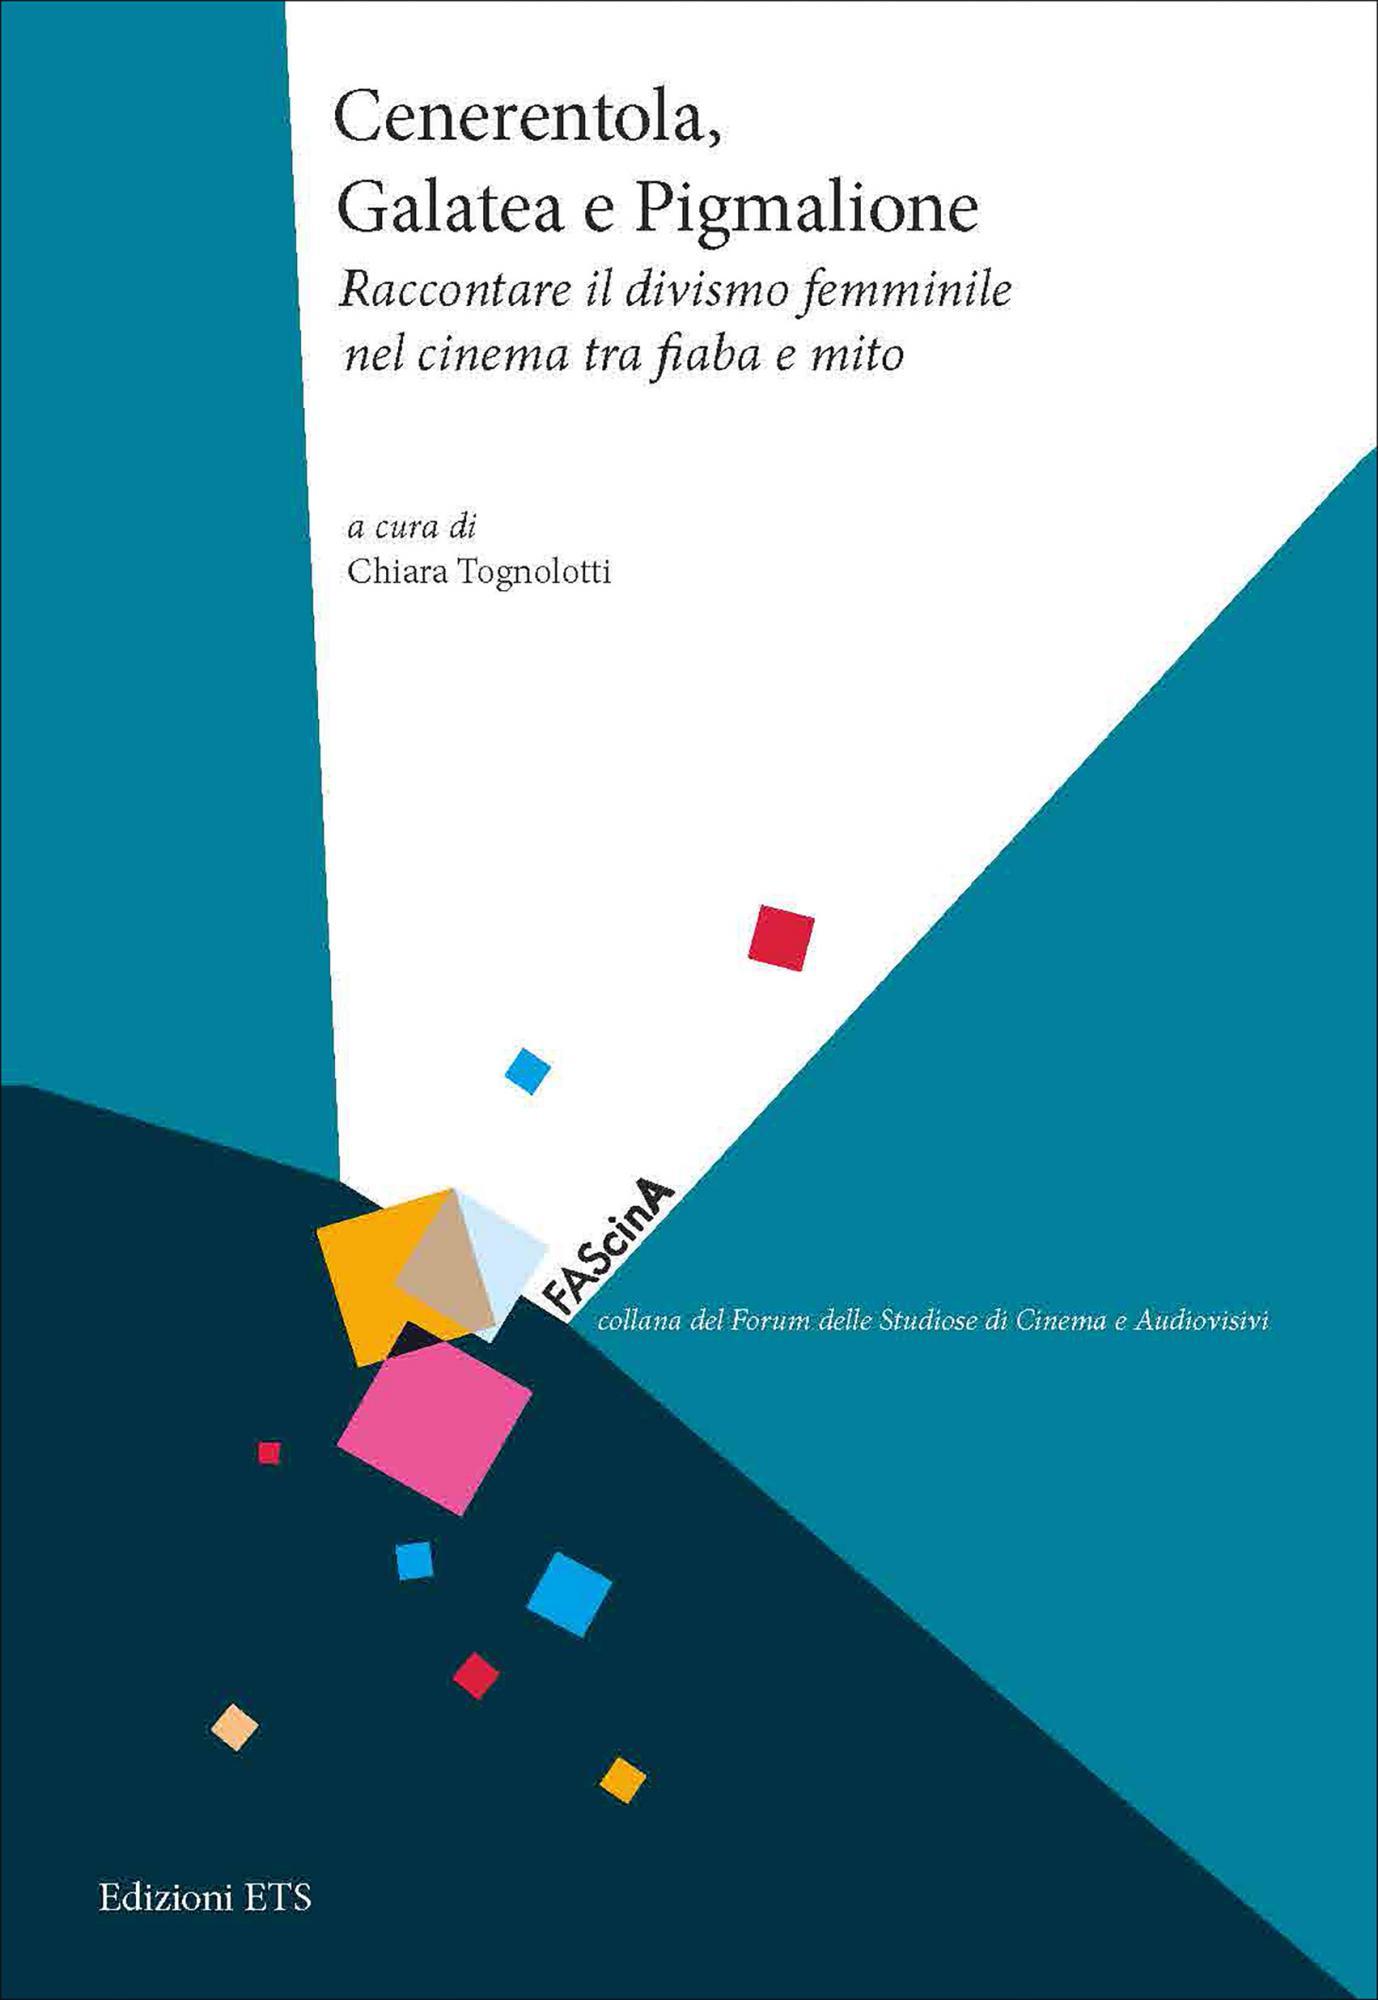 Cenerentola, Galatea e Pigmalione.Raccontare il divismo femminile nel cinema tra fiaba e mito